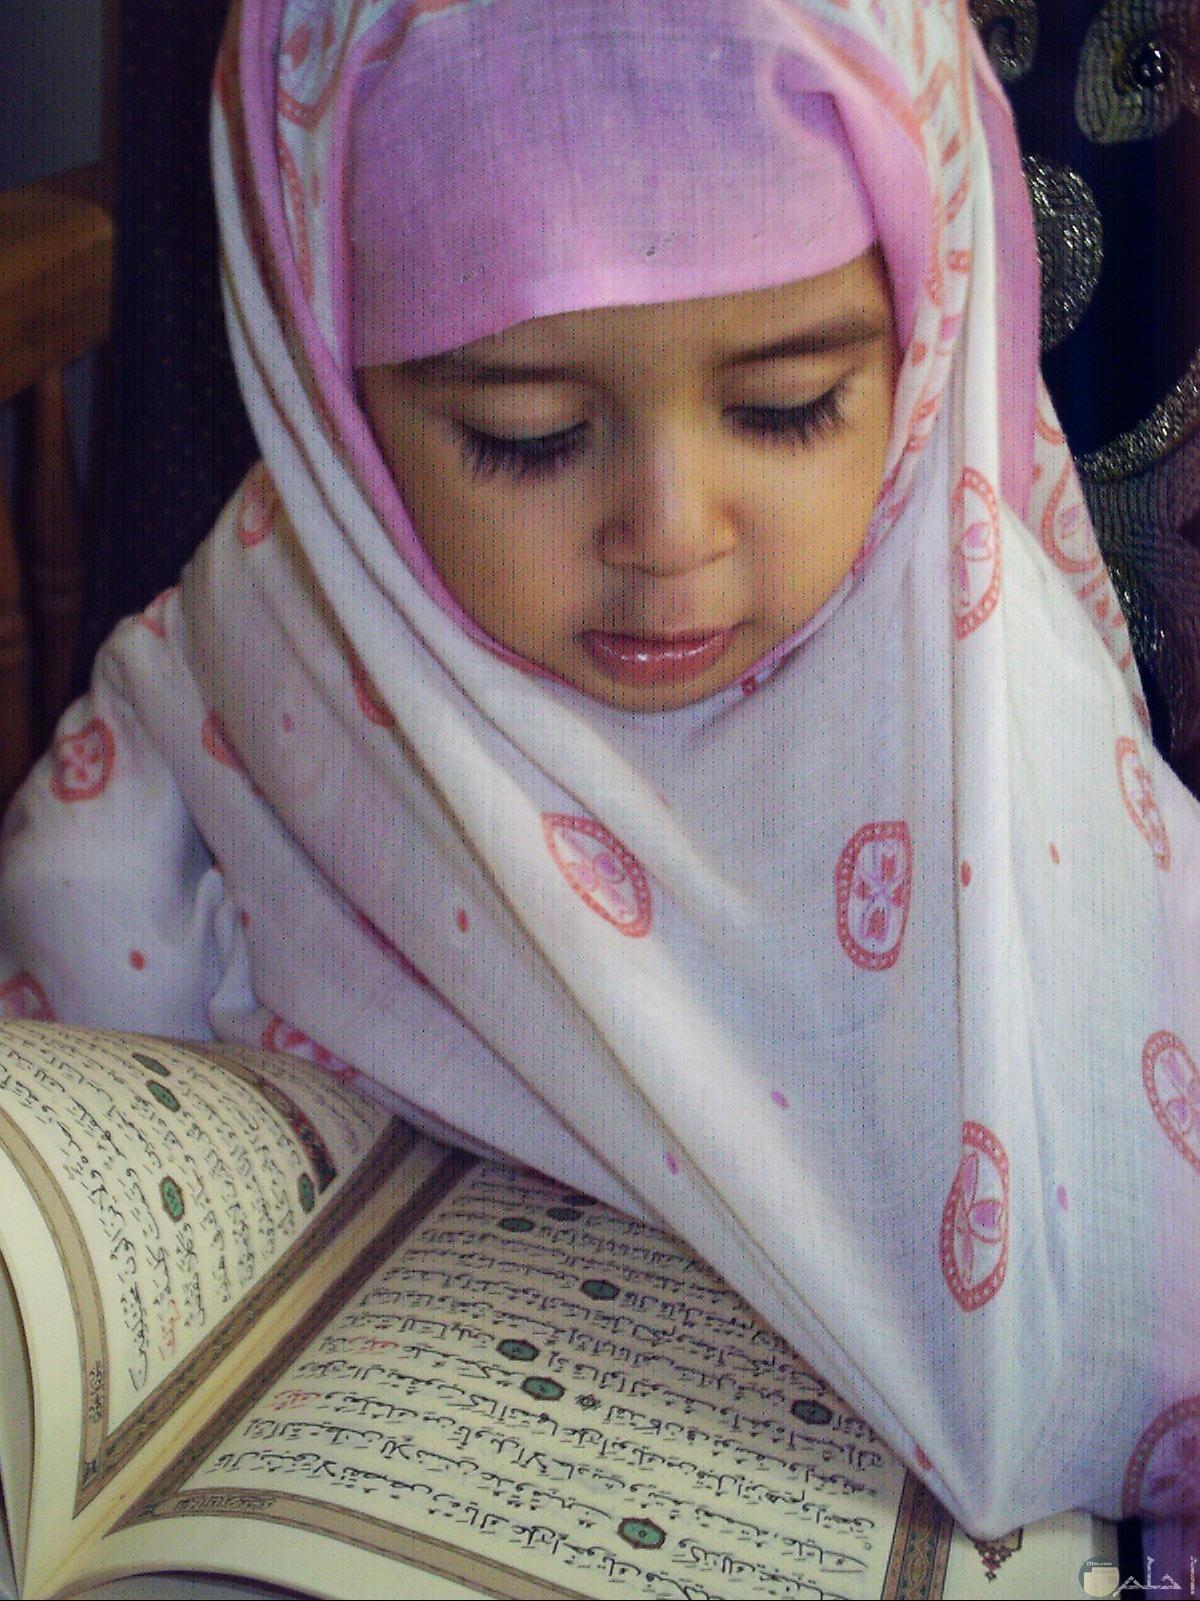 صورة بنت صغيرة محجبة مع كتاب الله خاشعة.